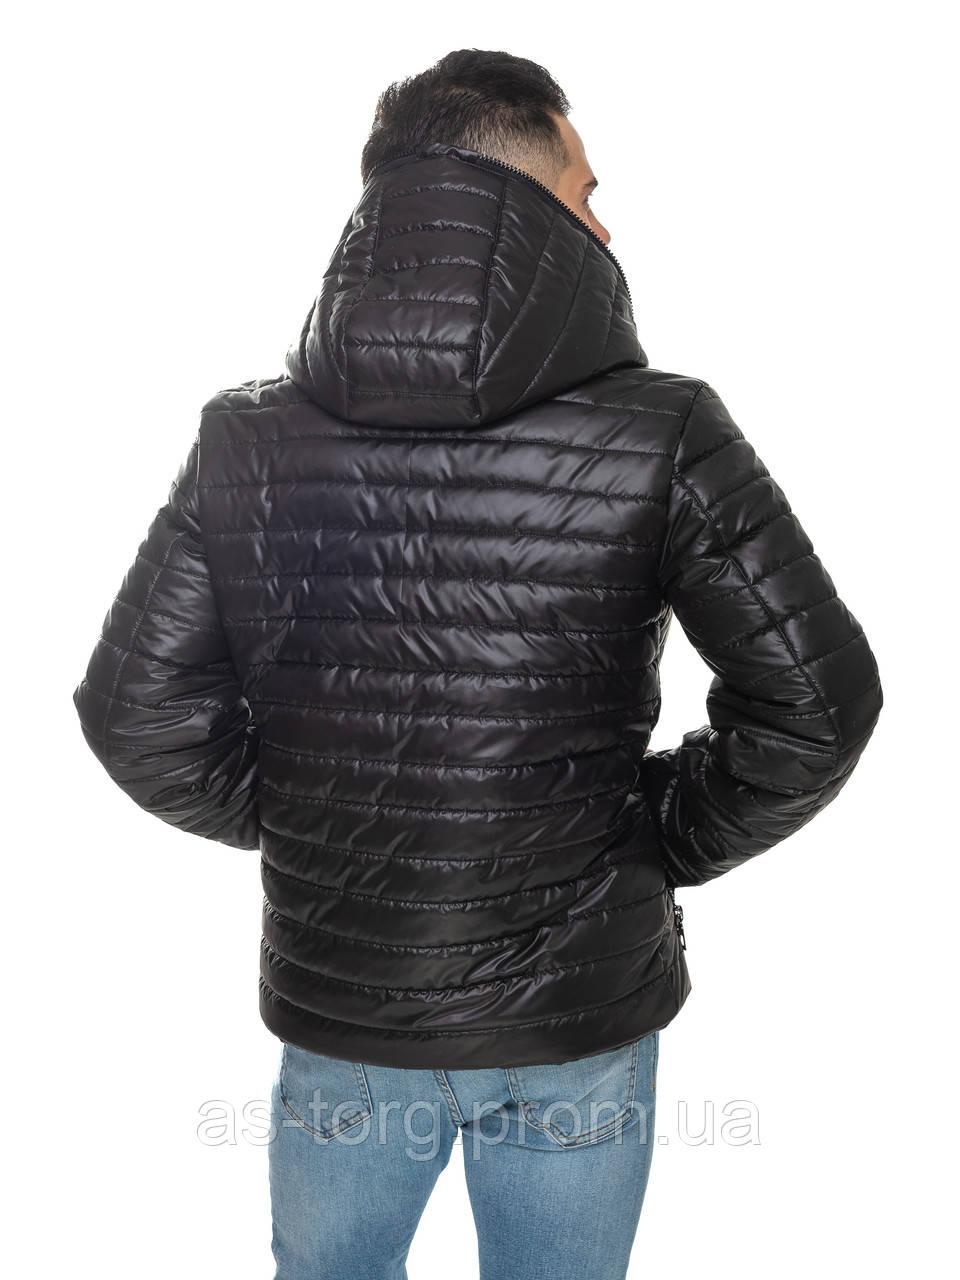 Удлиненная куртка Захар Черный Размер 50